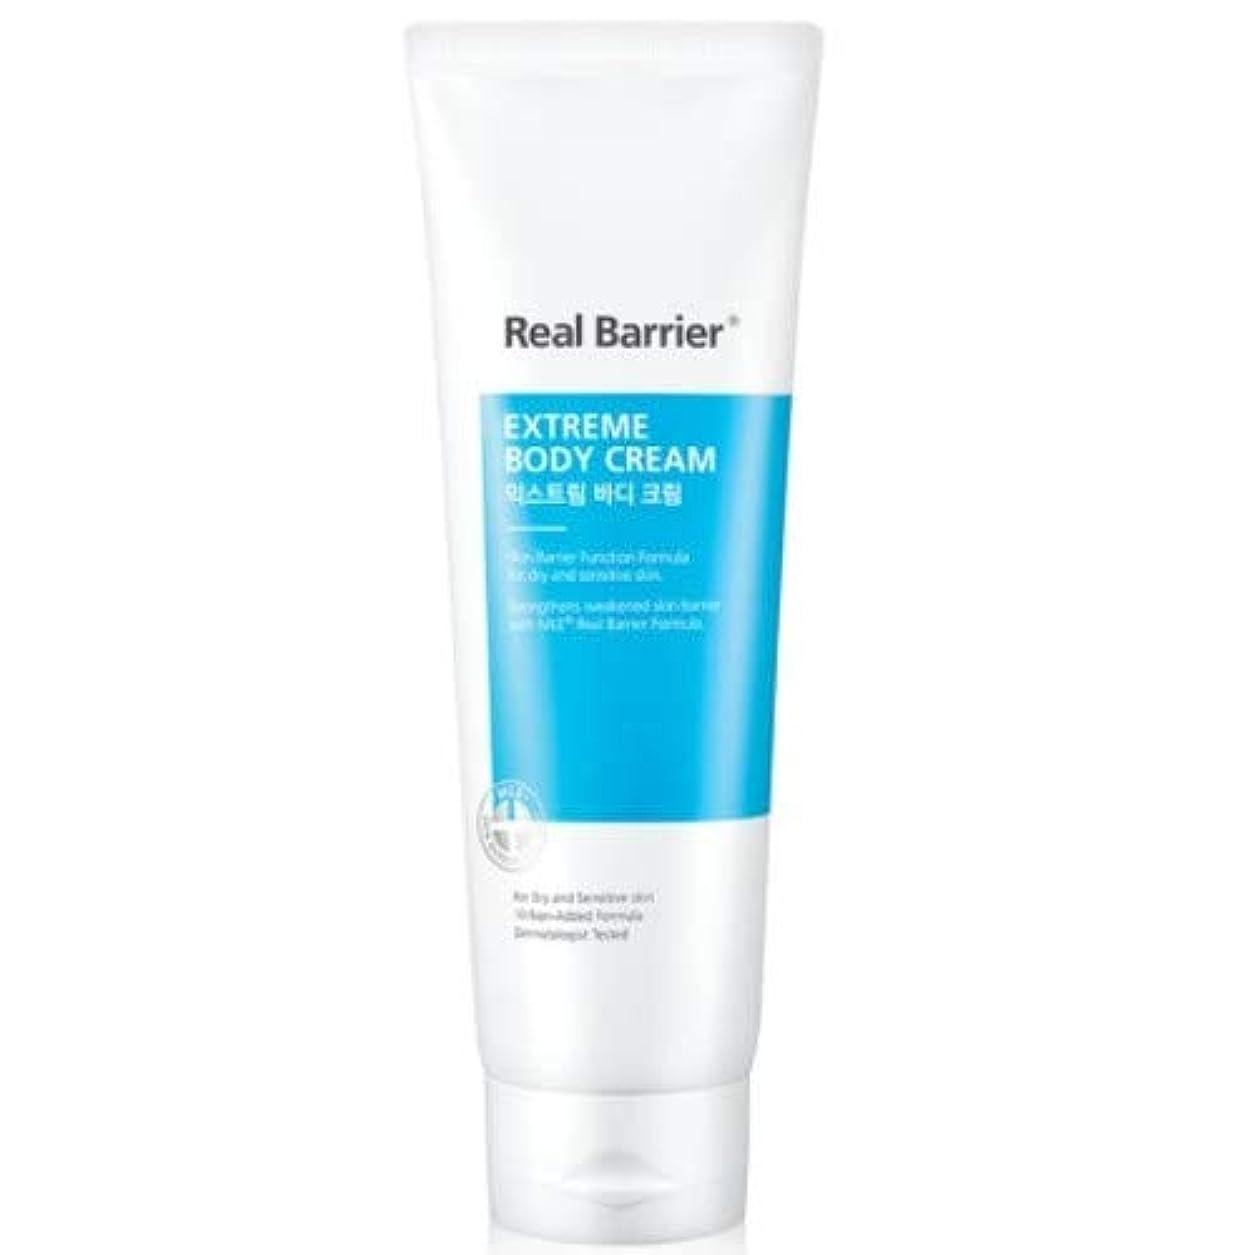 銃サーフィン初心者ATOPALM Real Barrier?エクストリームボディークリーム250g / ATOPALM Real Barrier Extreme Body Cream [並行輸入品]